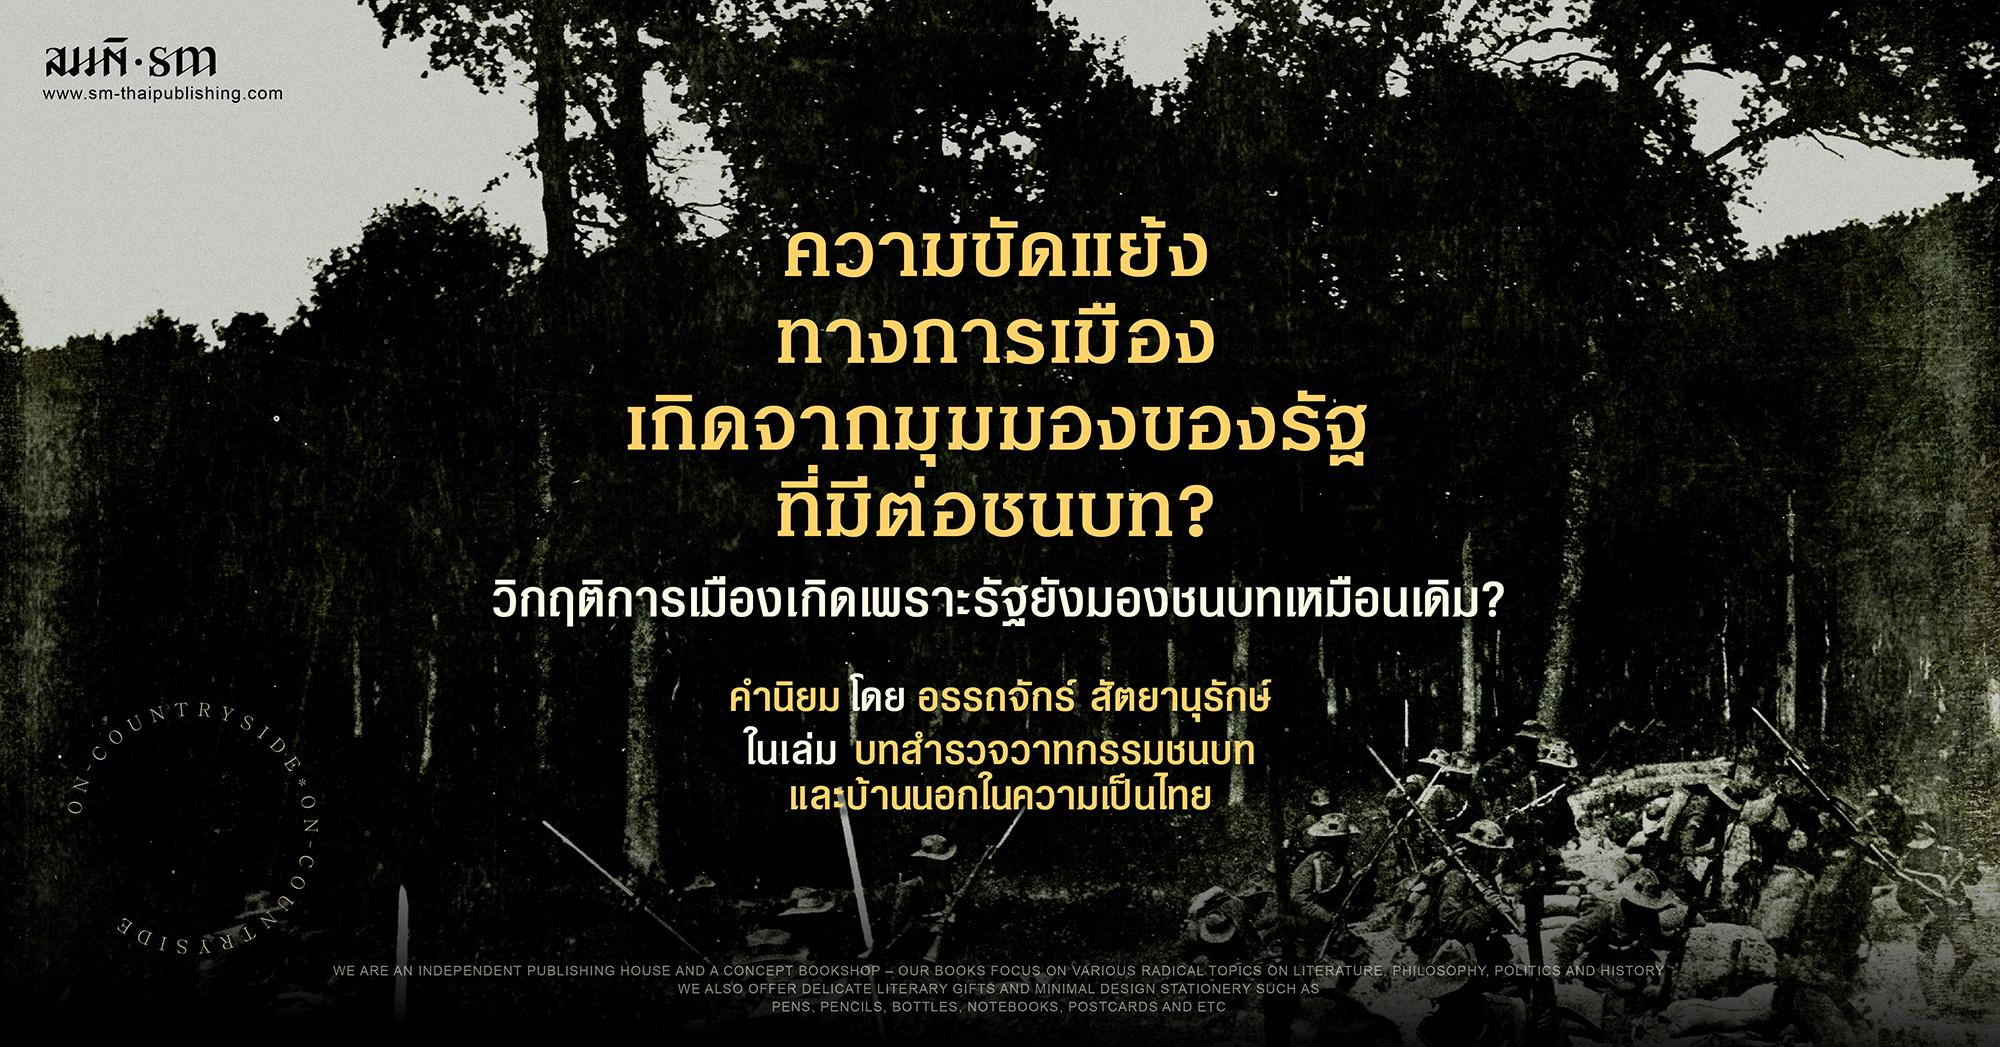 อรรถจักร์ บทสำรวจวาทกรรมชนบทและบ้านนอกในความเป็นไทย